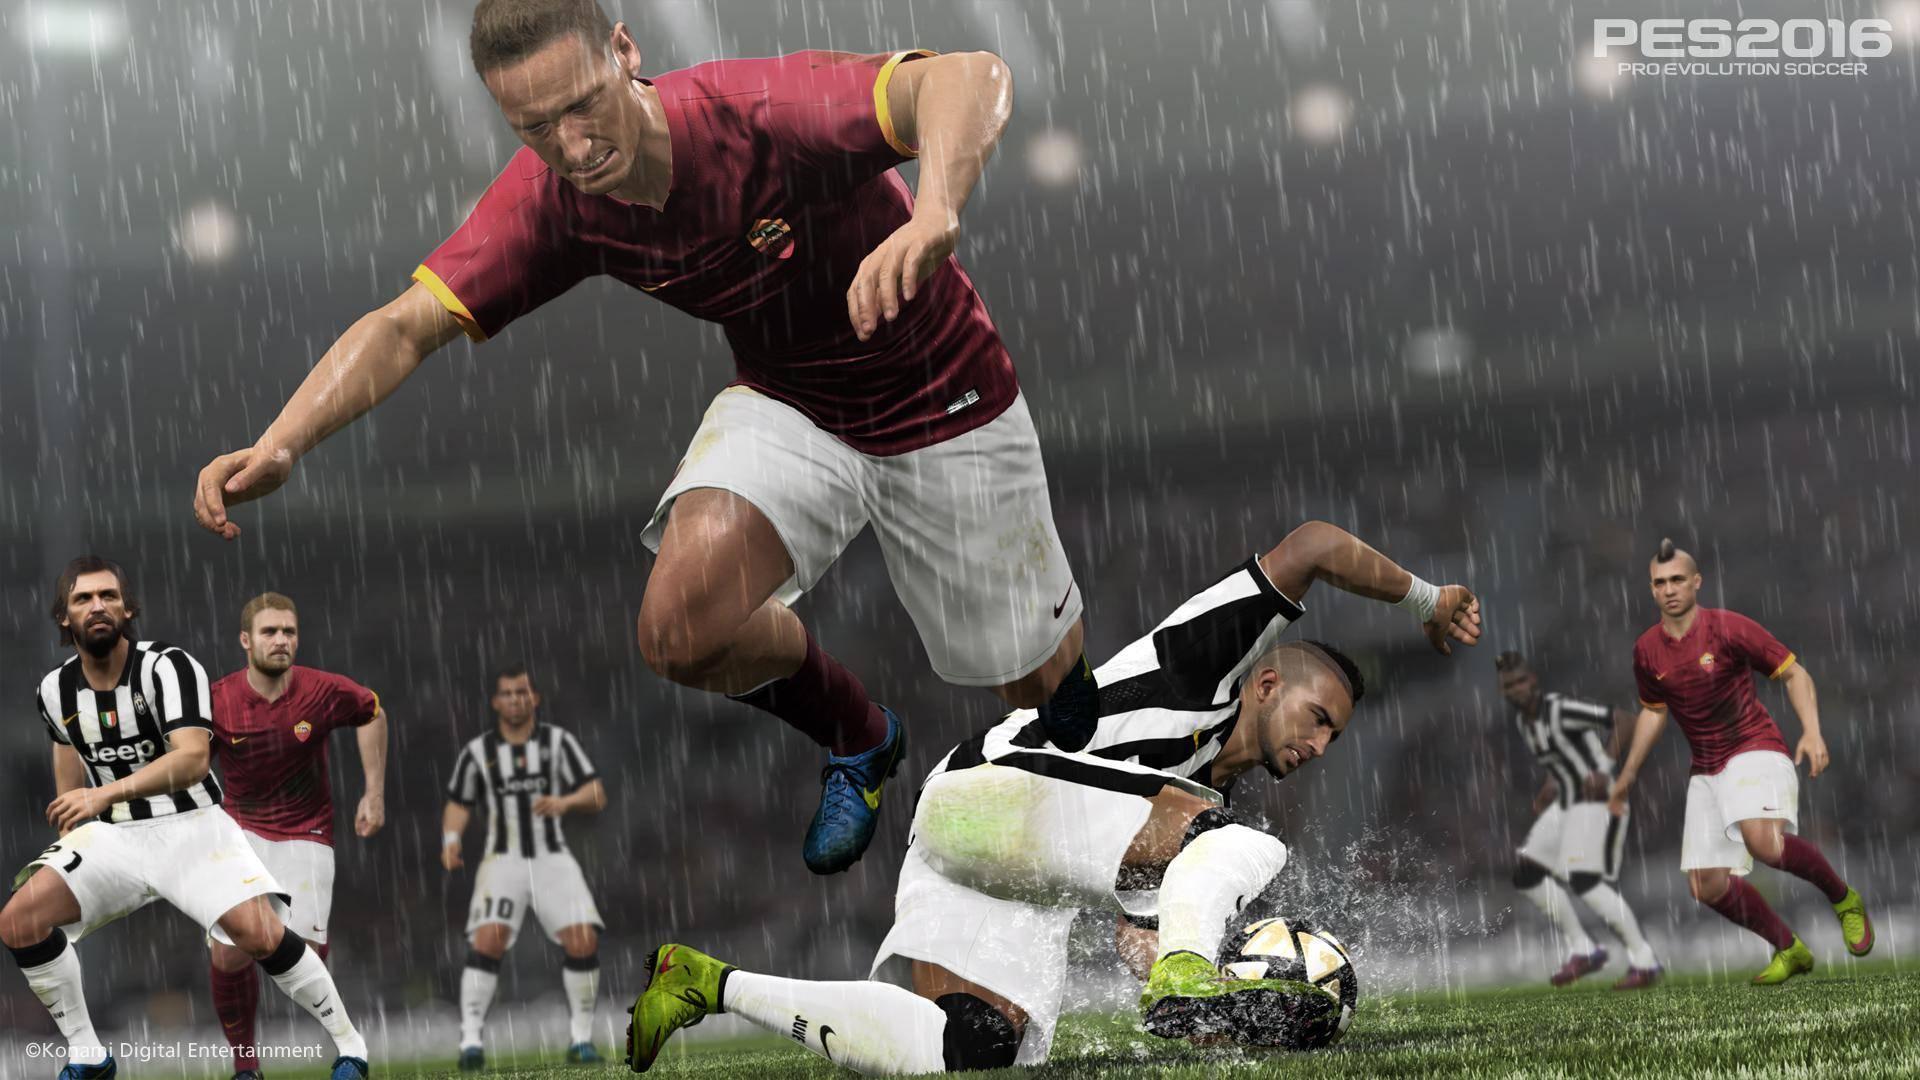 https://www.bestbuy.com.mx/p/pes-2019-pro-evolution-soccer-pc/1000219082